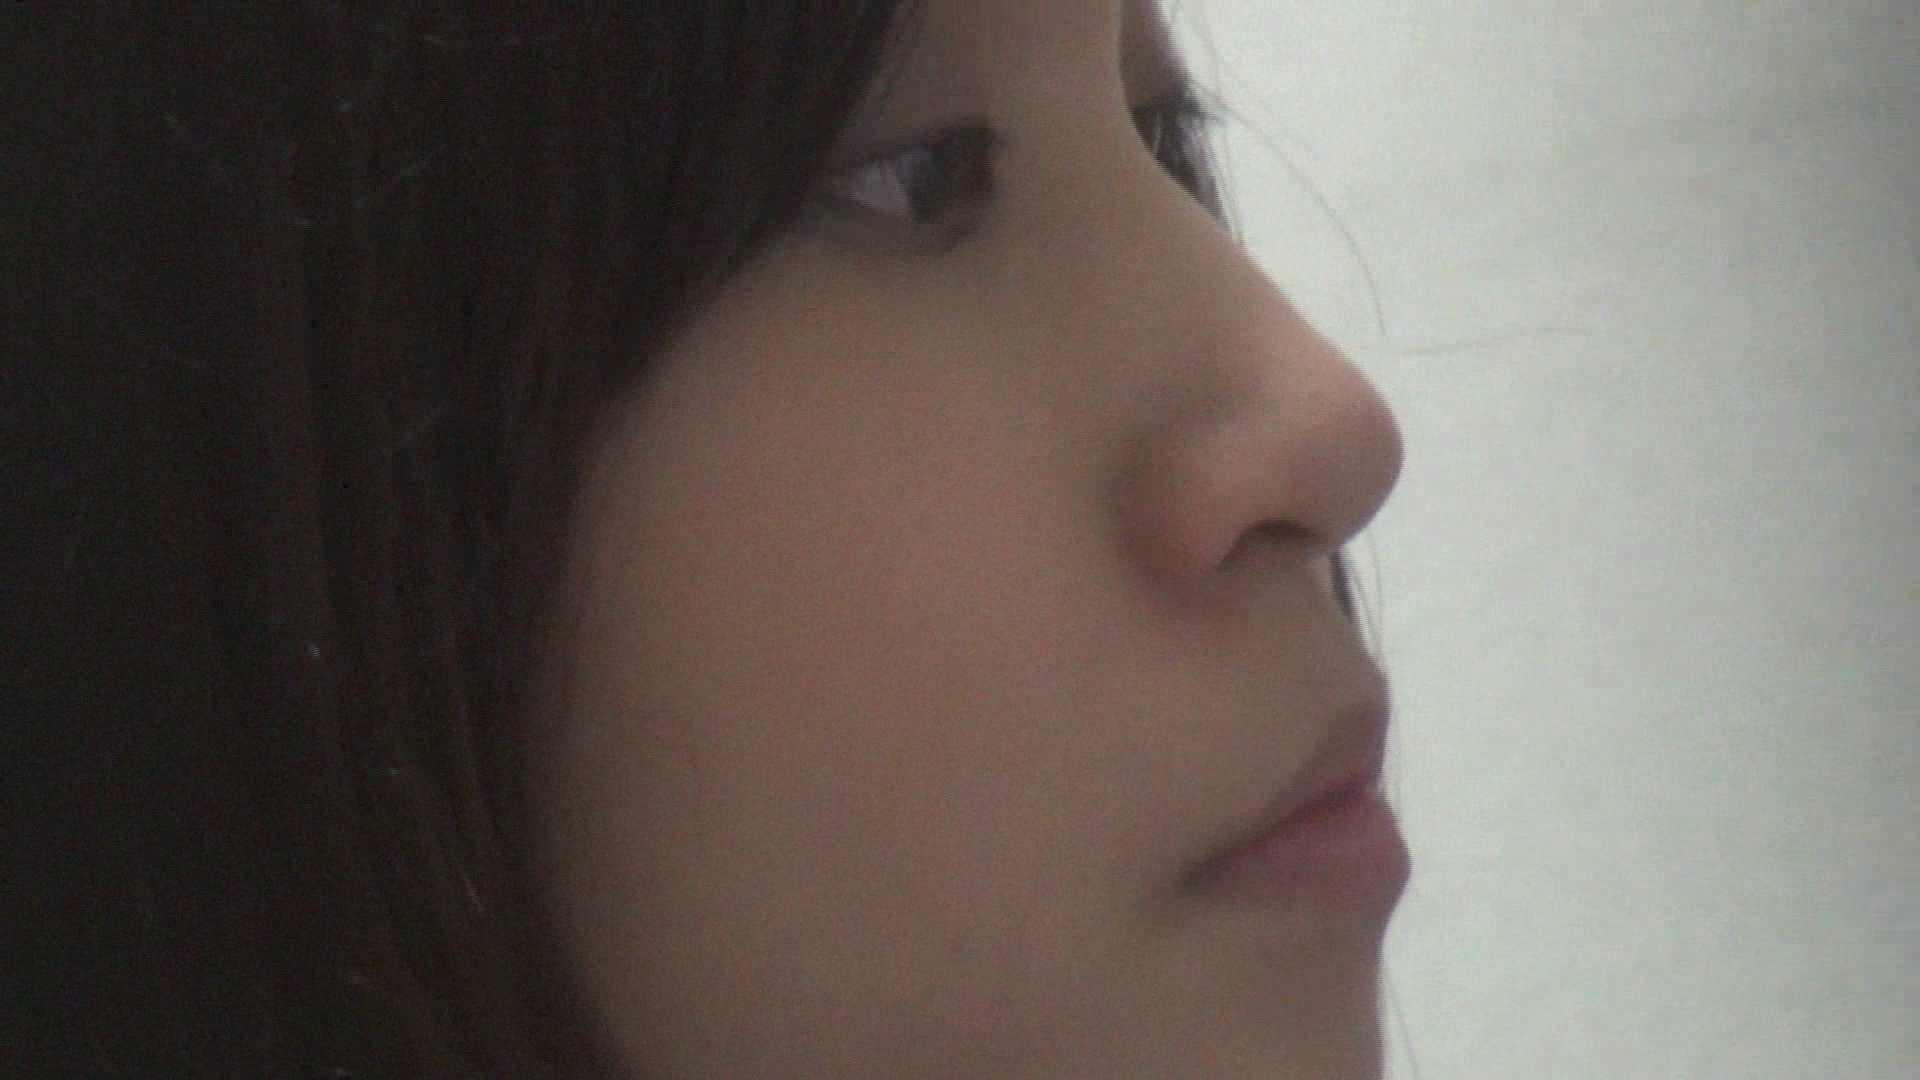 【05】仕事が忙しくて・・・久しぶりにベランダで待ち伏せ マンコ満開 ワレメ無修正動画無料 89PIX 82